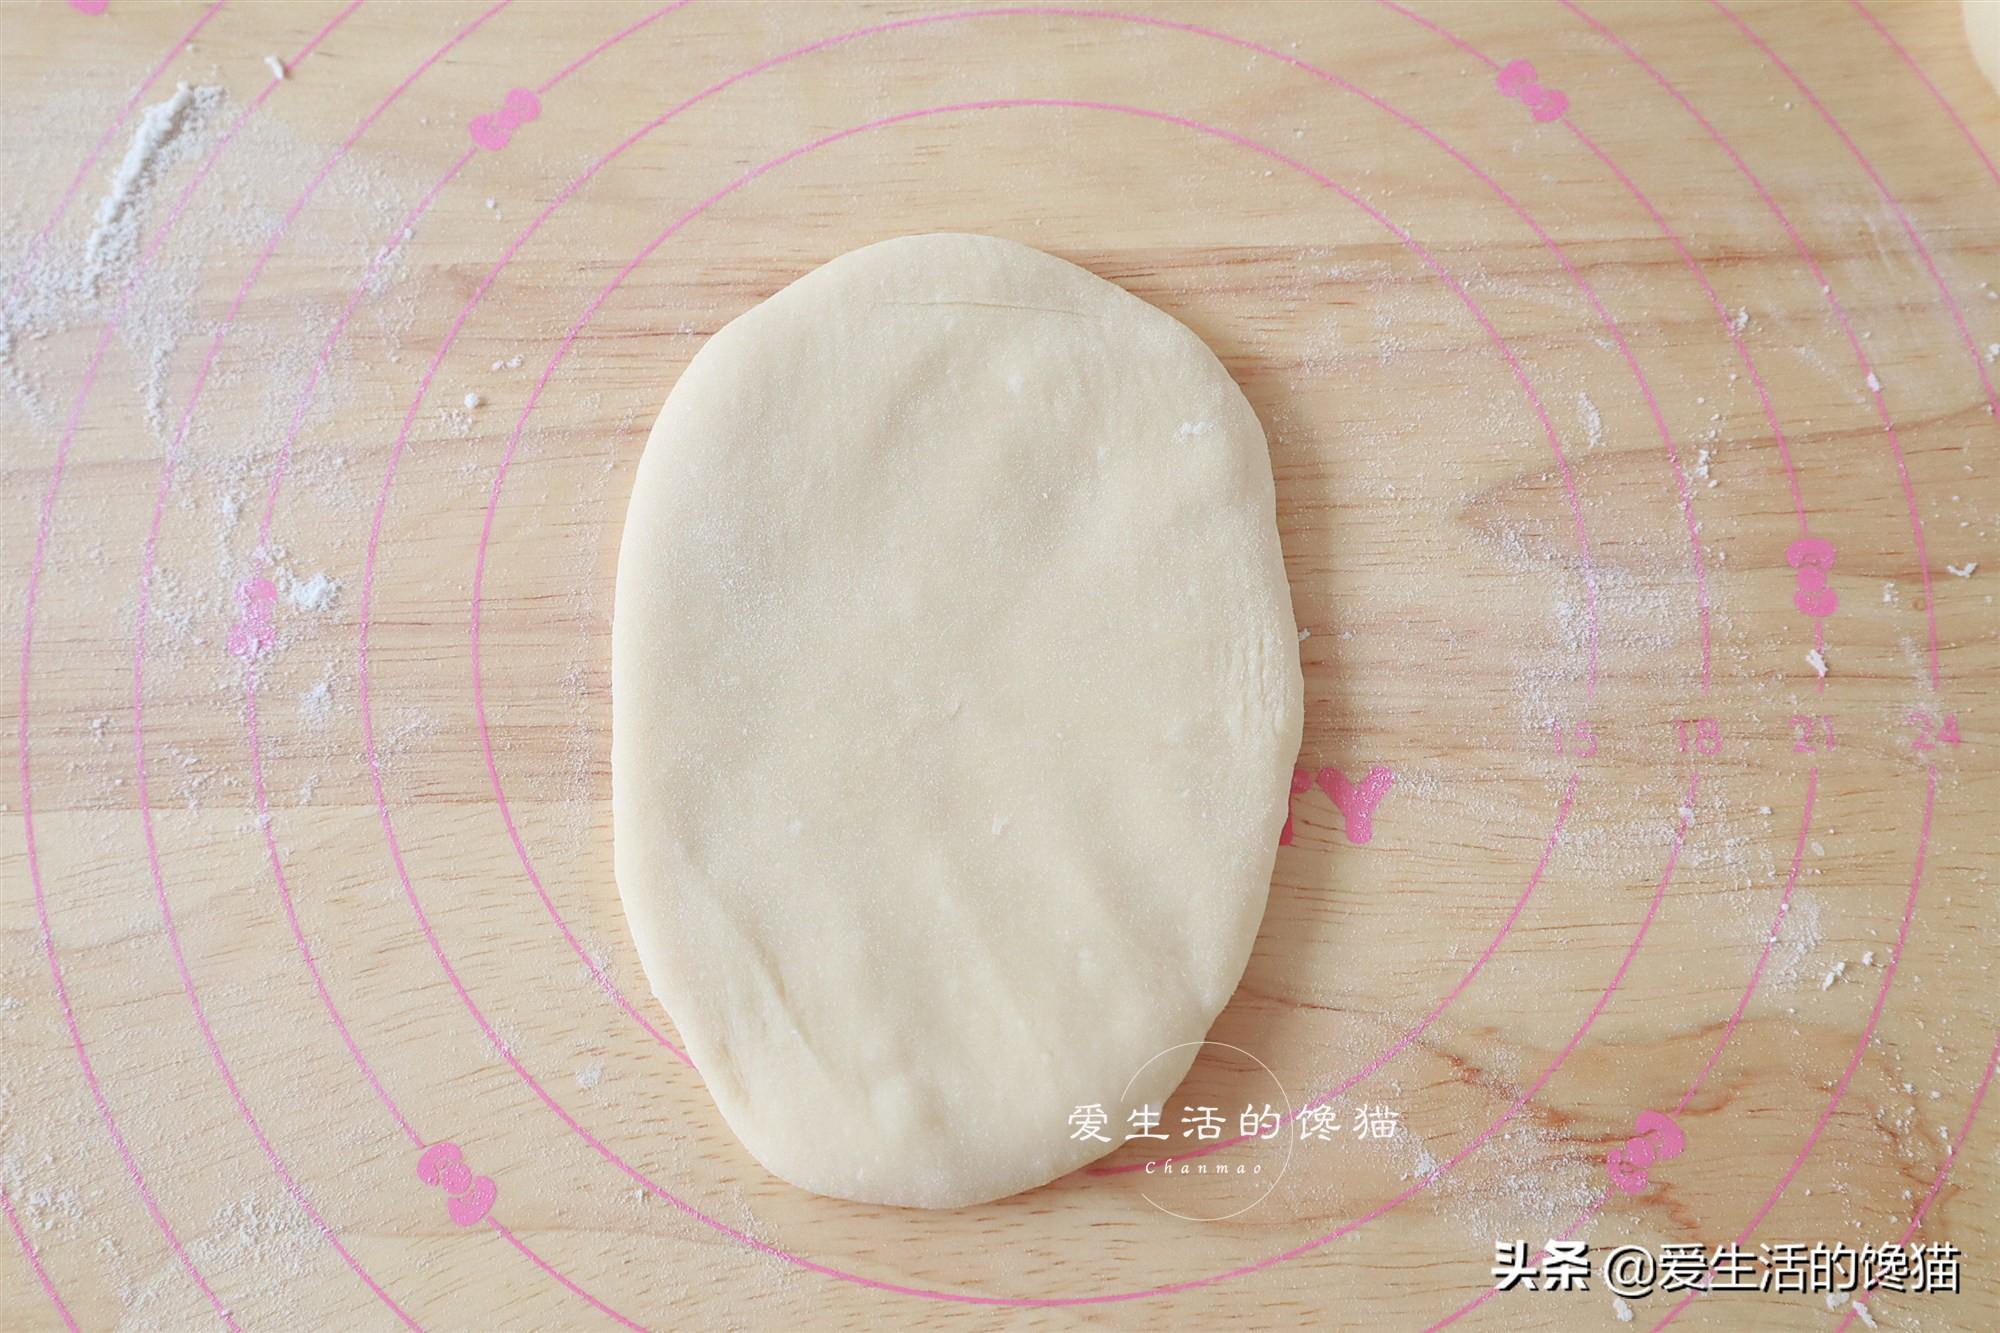 熱狗麵包的懶人做法,用料足,省時省力,香甜柔軟,小白也零失敗